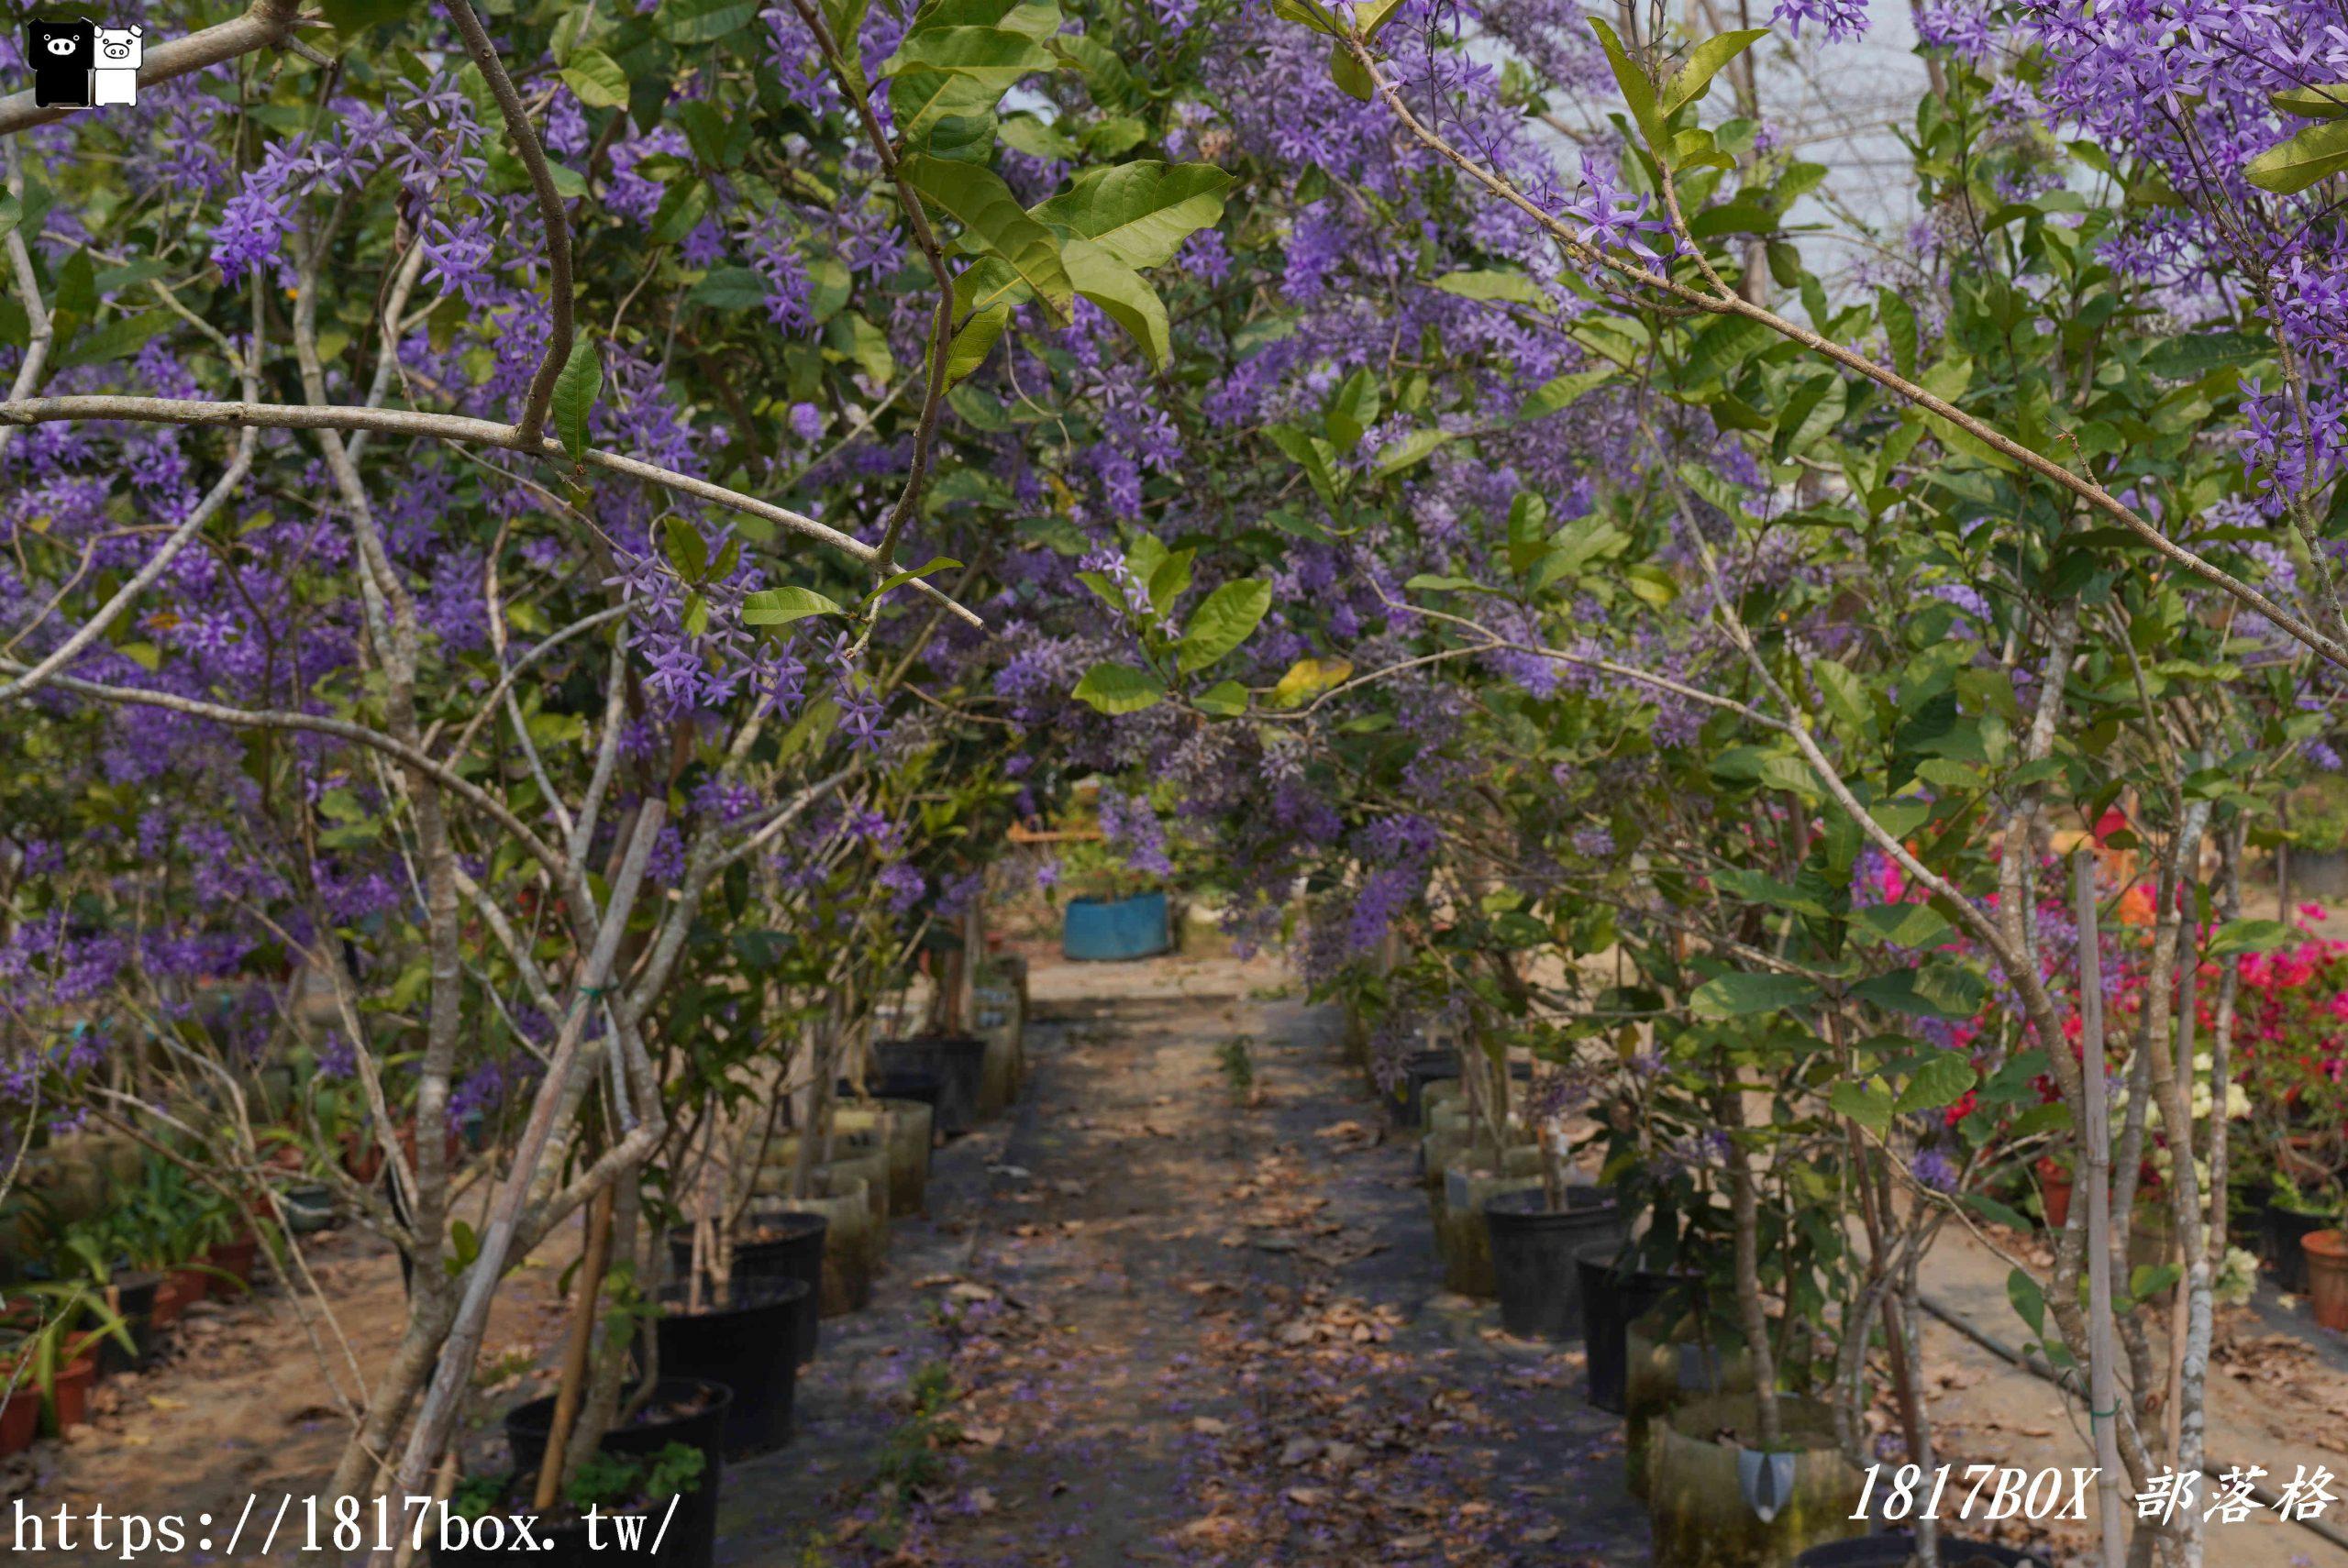 【台南。玉井】雙秀園。錫葉藤紫花隧道。各式奇花異草。免費景點 @1817BOX部落格